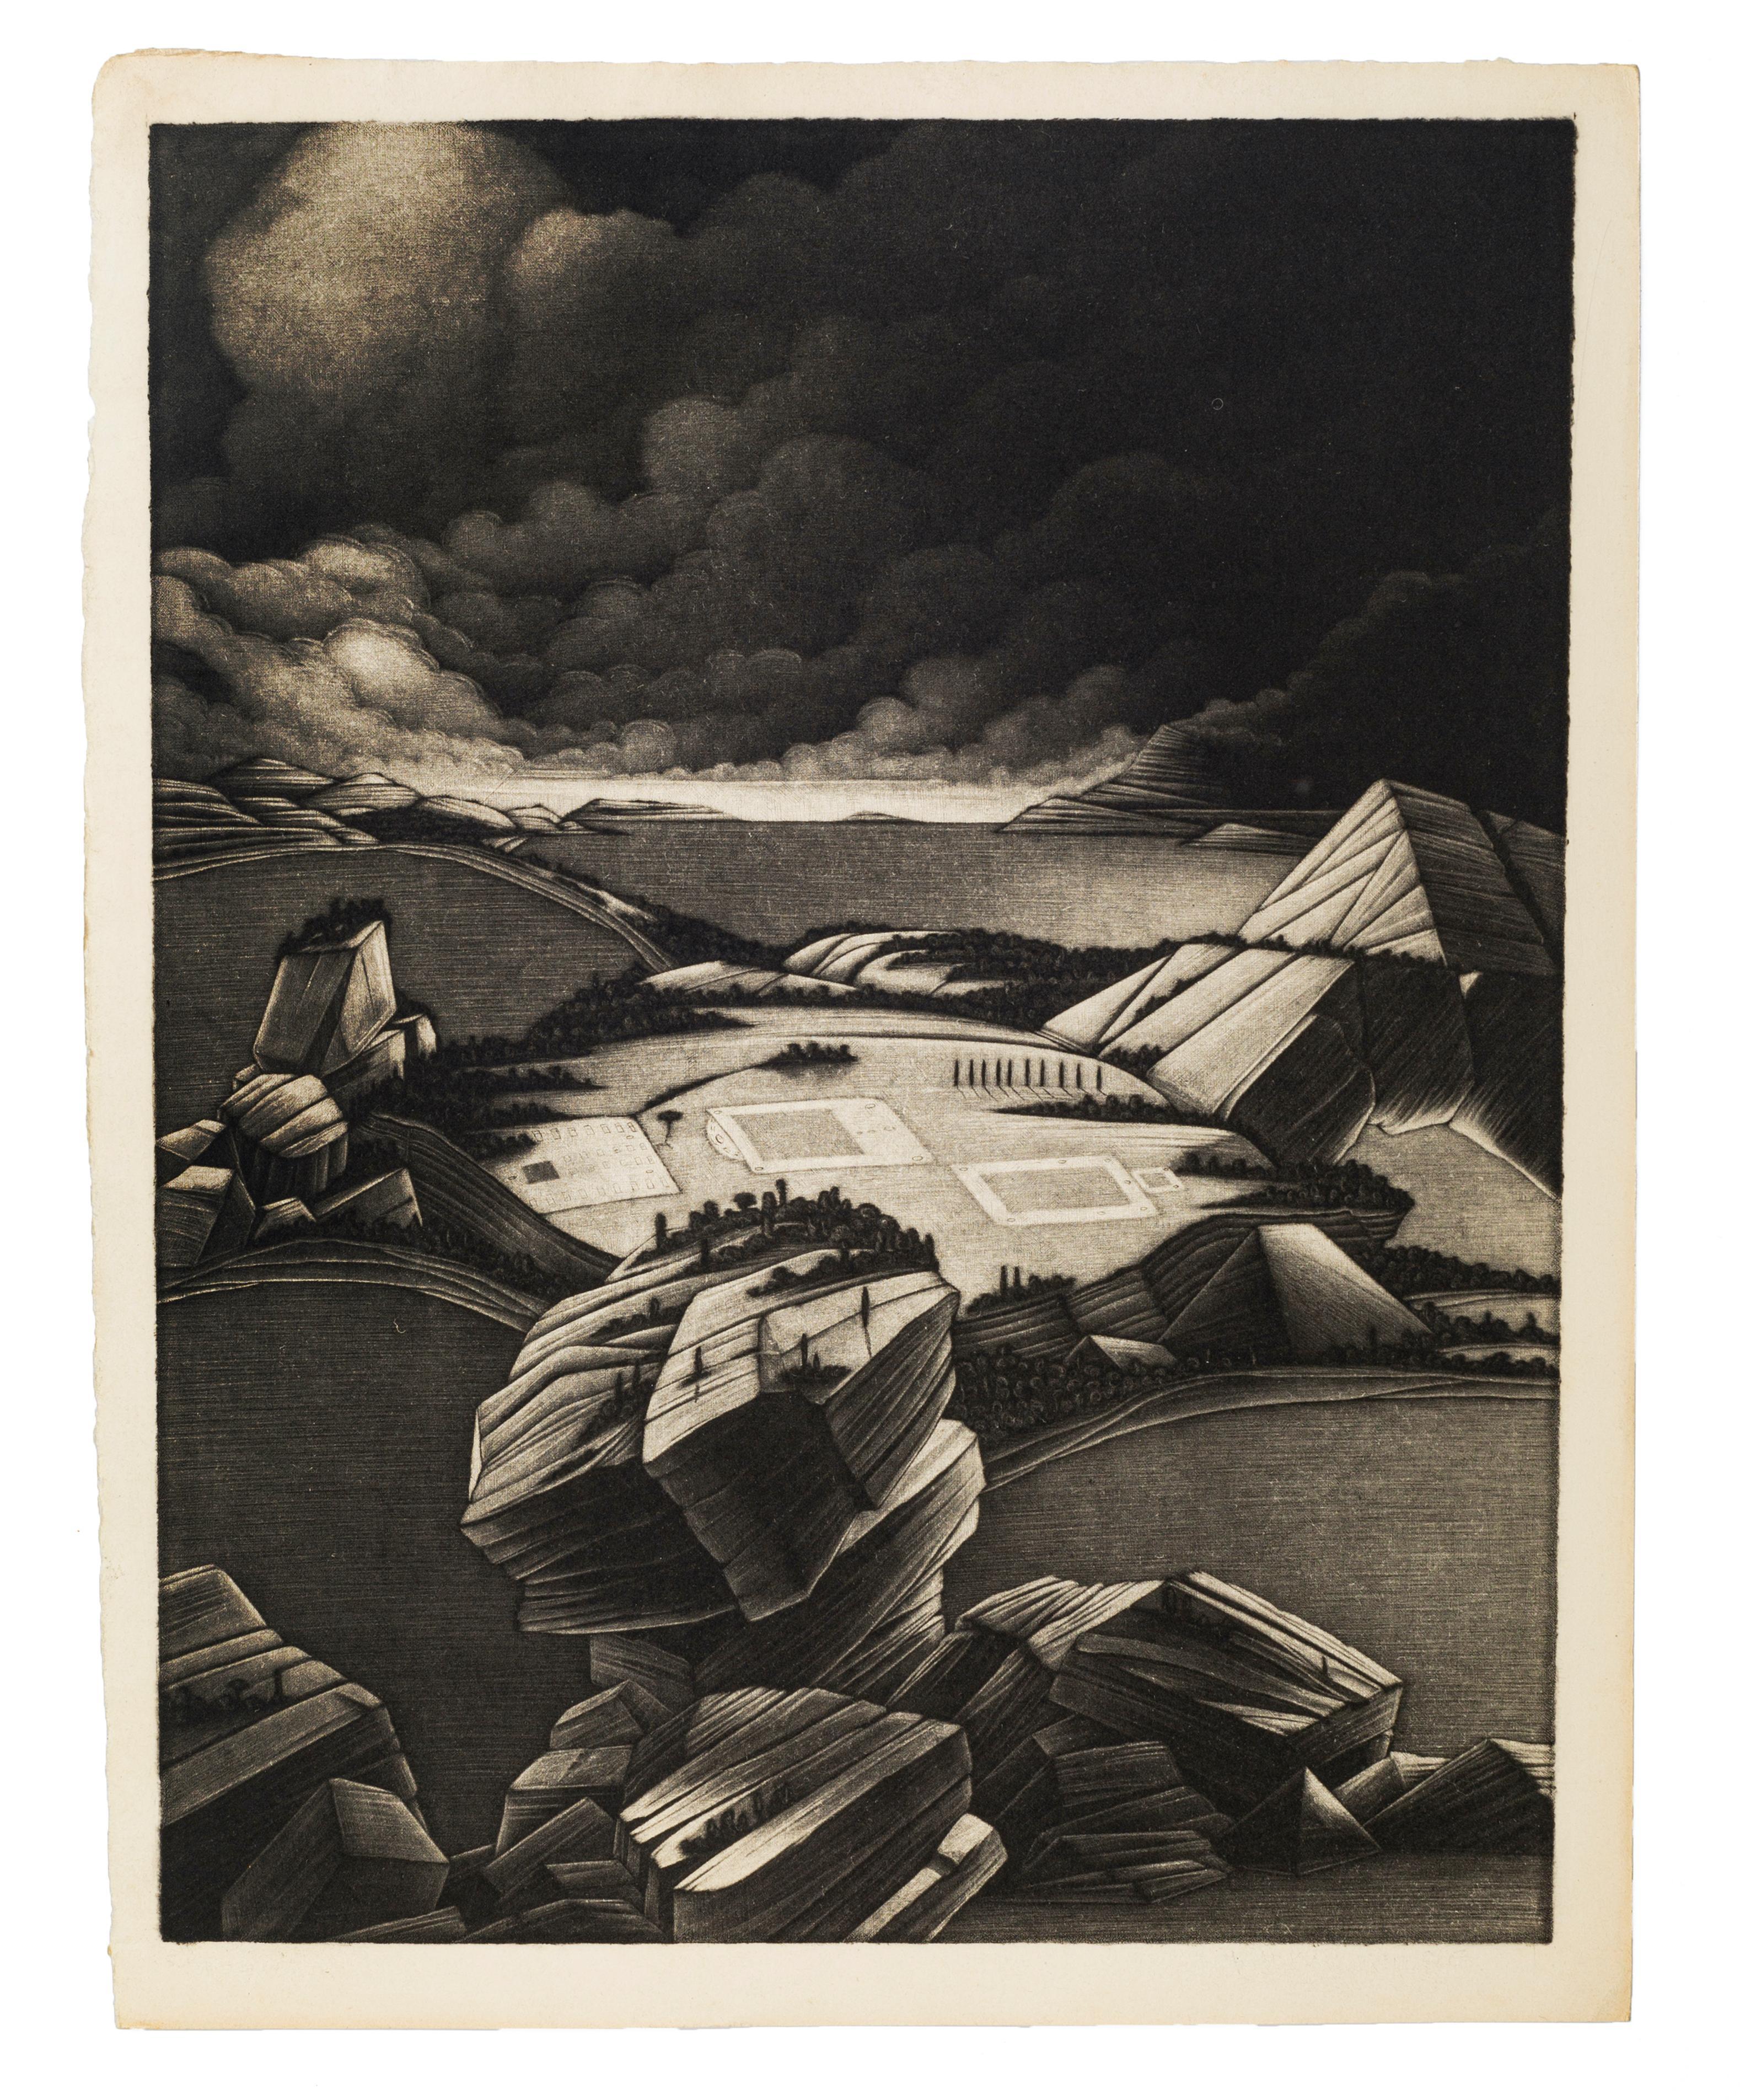 Desolate Landscape - Original Mezzotint by Michel Estèbe - Late 1900